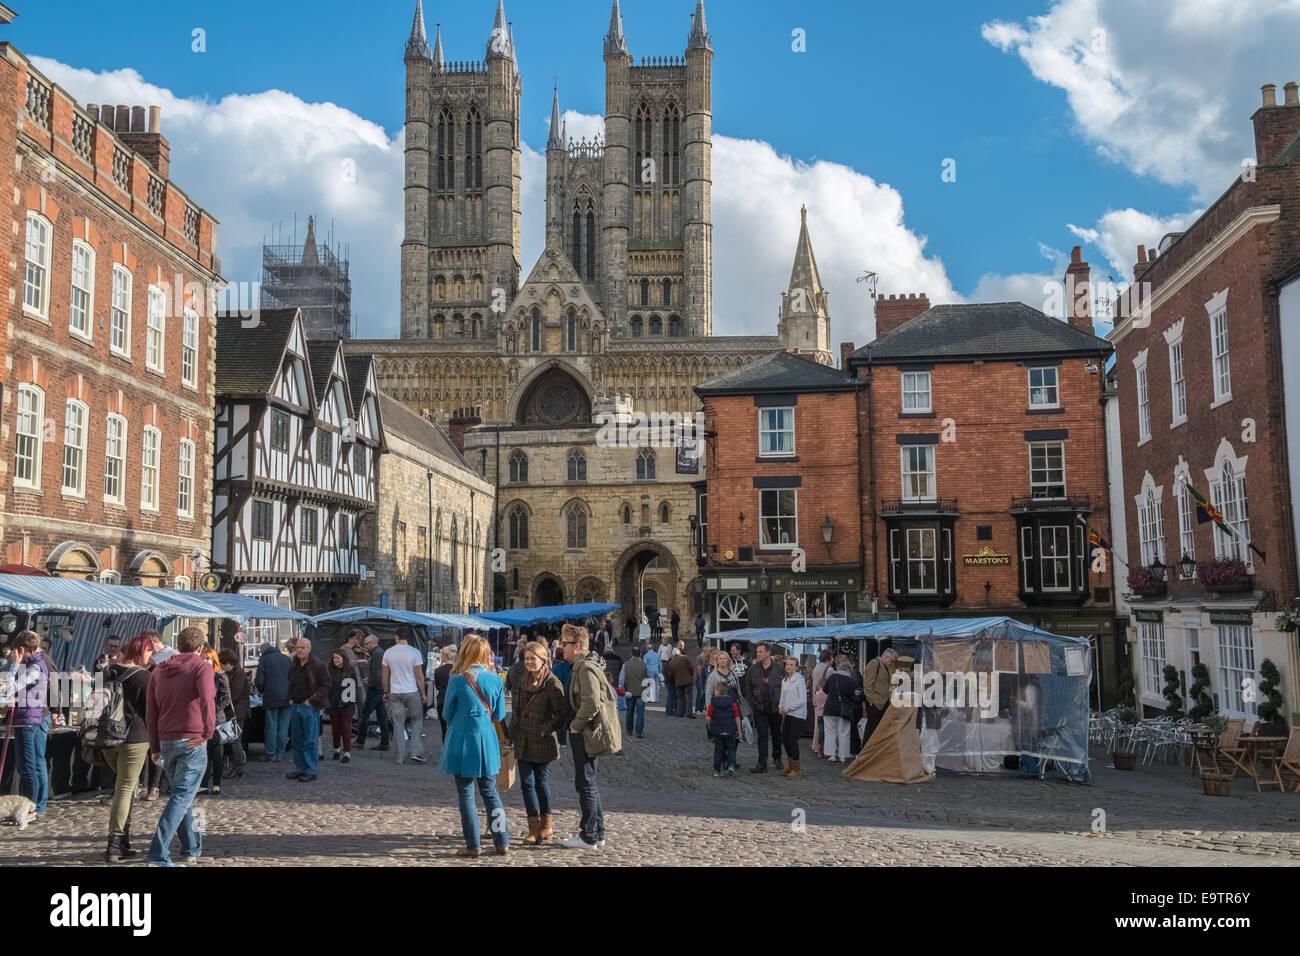 Menschen in Lincoln Marktplatz mit Kathedrale im Hintergrund, Lincoln, Lincolnshire, England UK Stockfoto